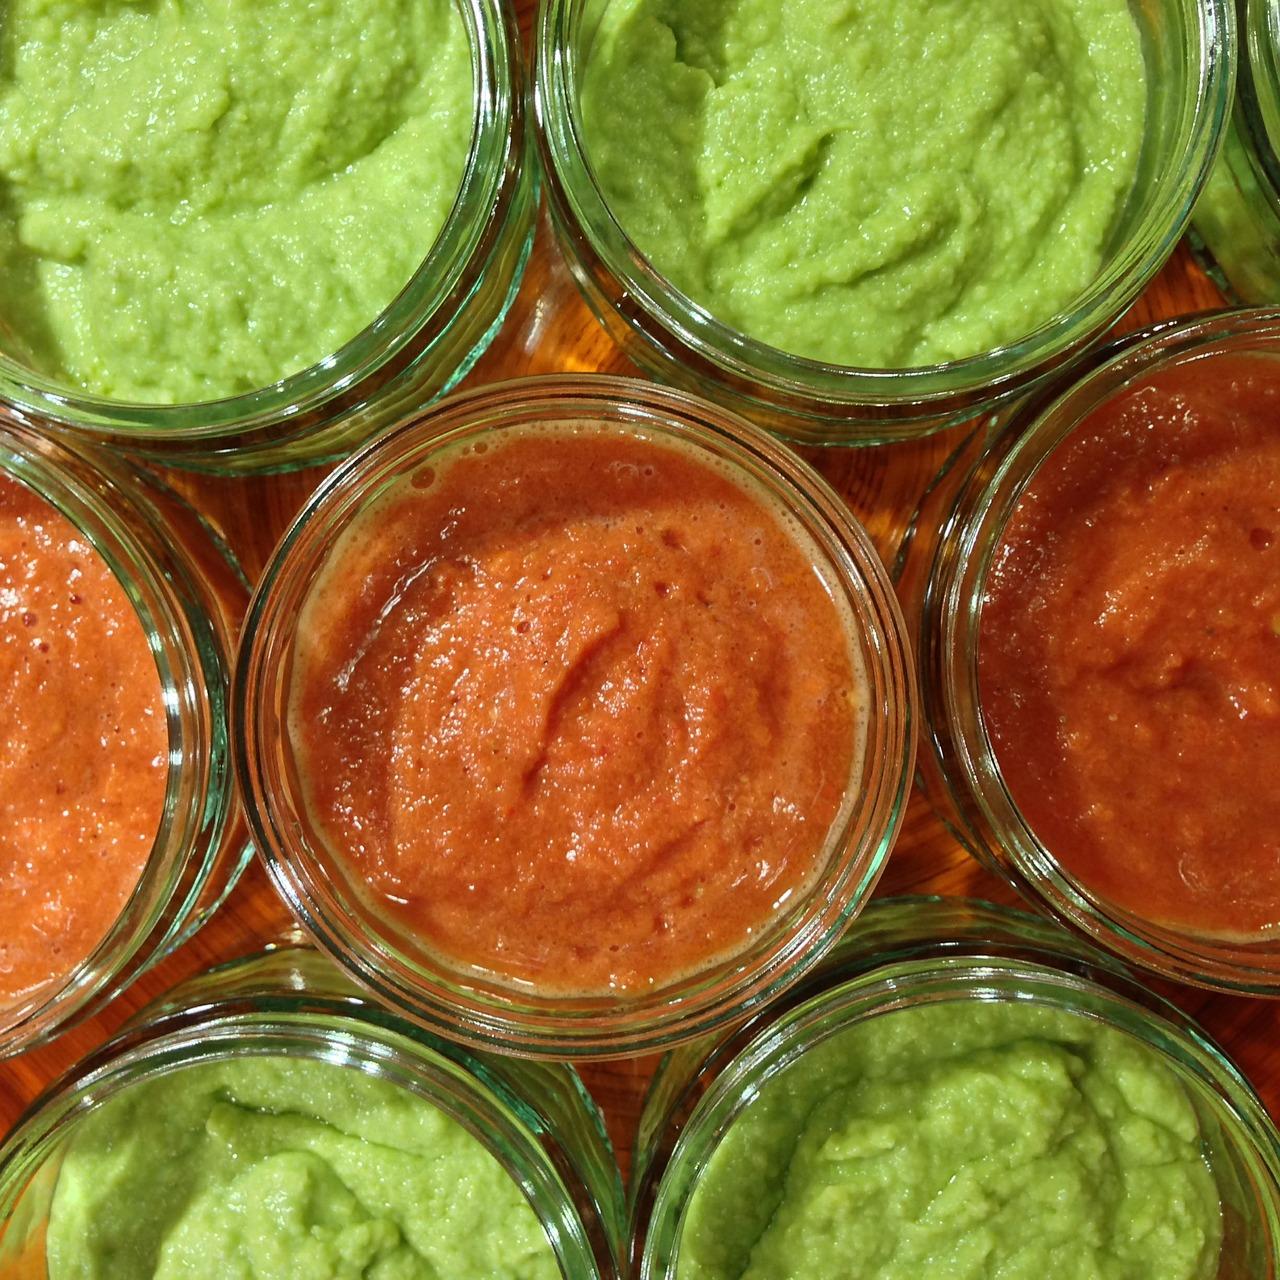 Supă rece de avocado. Foto: pixabay.com